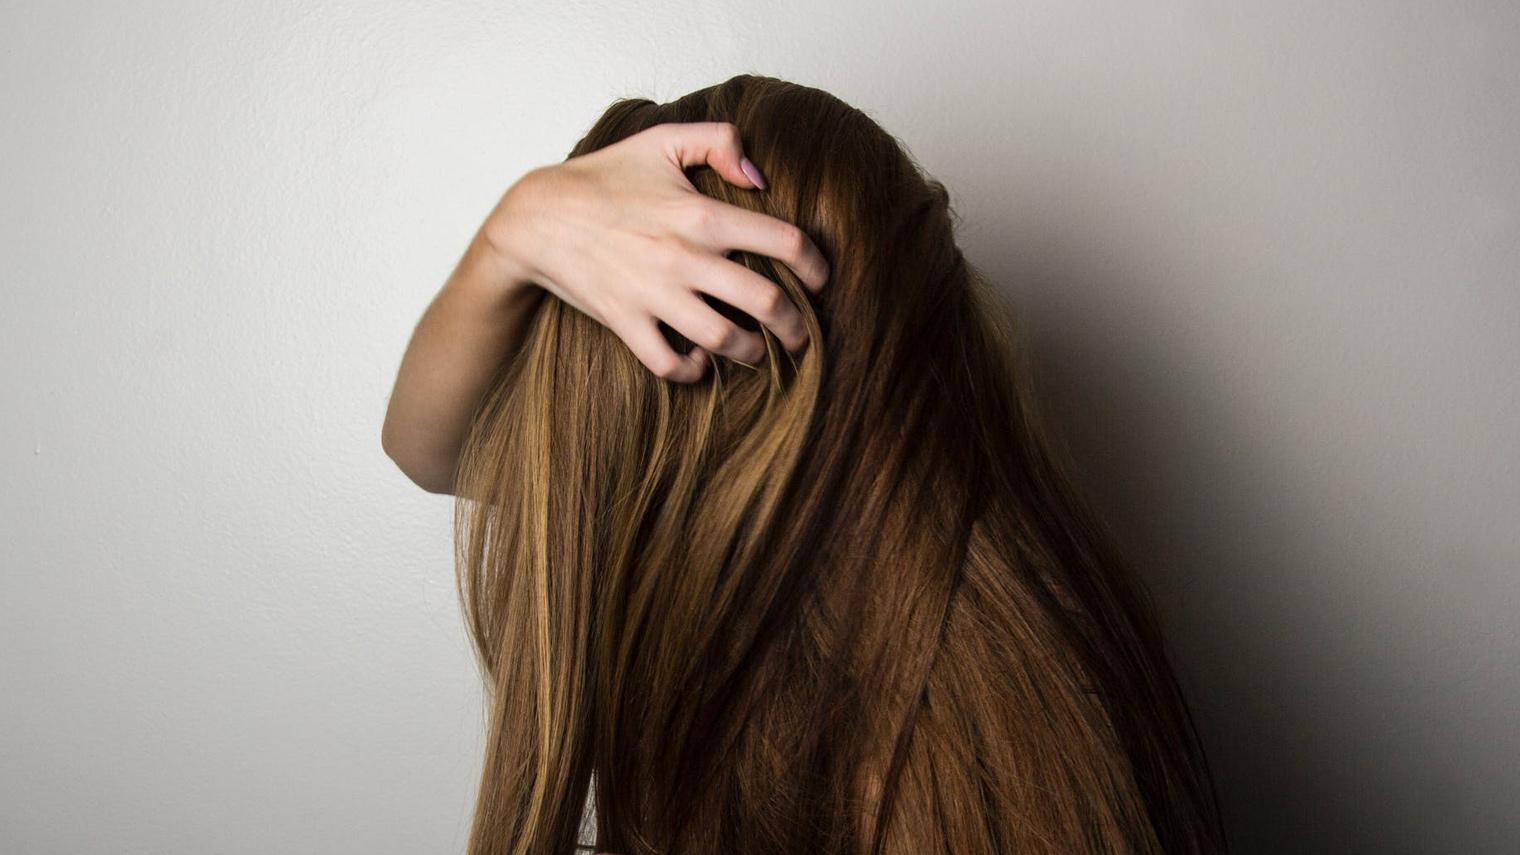 想拥有浓密头发,年轻人到底要花多少钱?